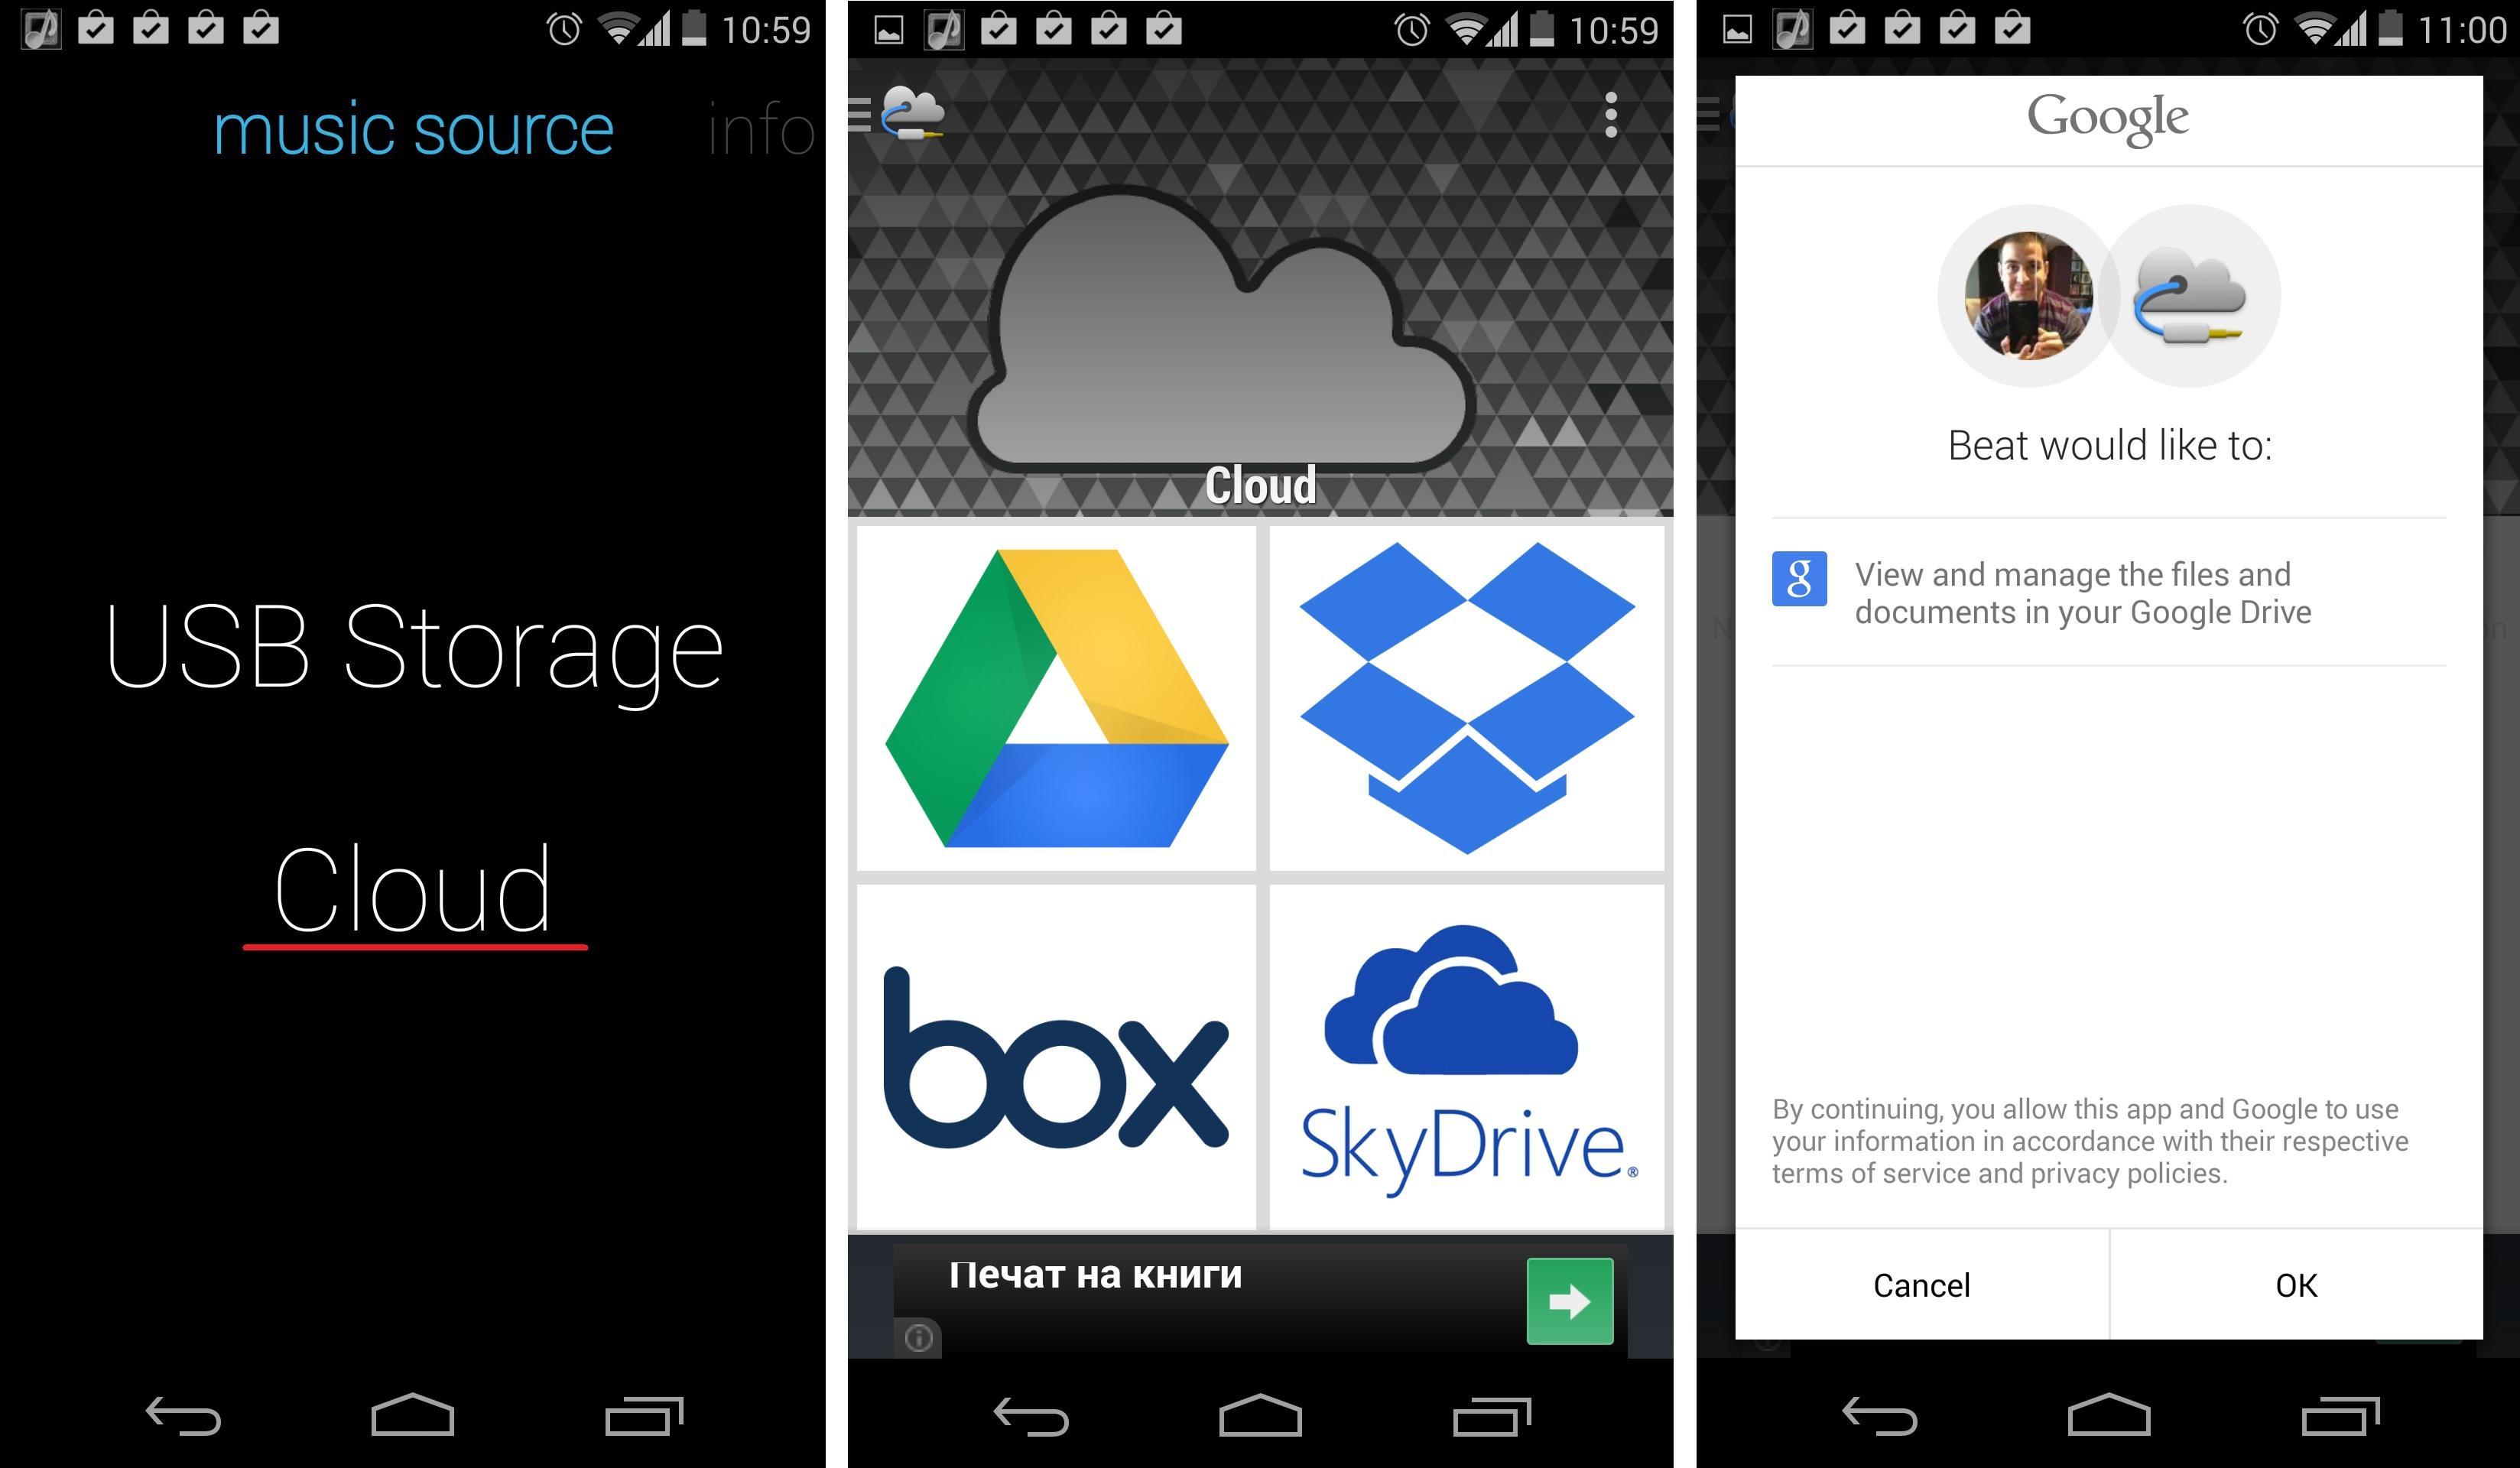 Музыкальный плеер Beat для Android воспроизводит музыку из Dropbox и Google Drive